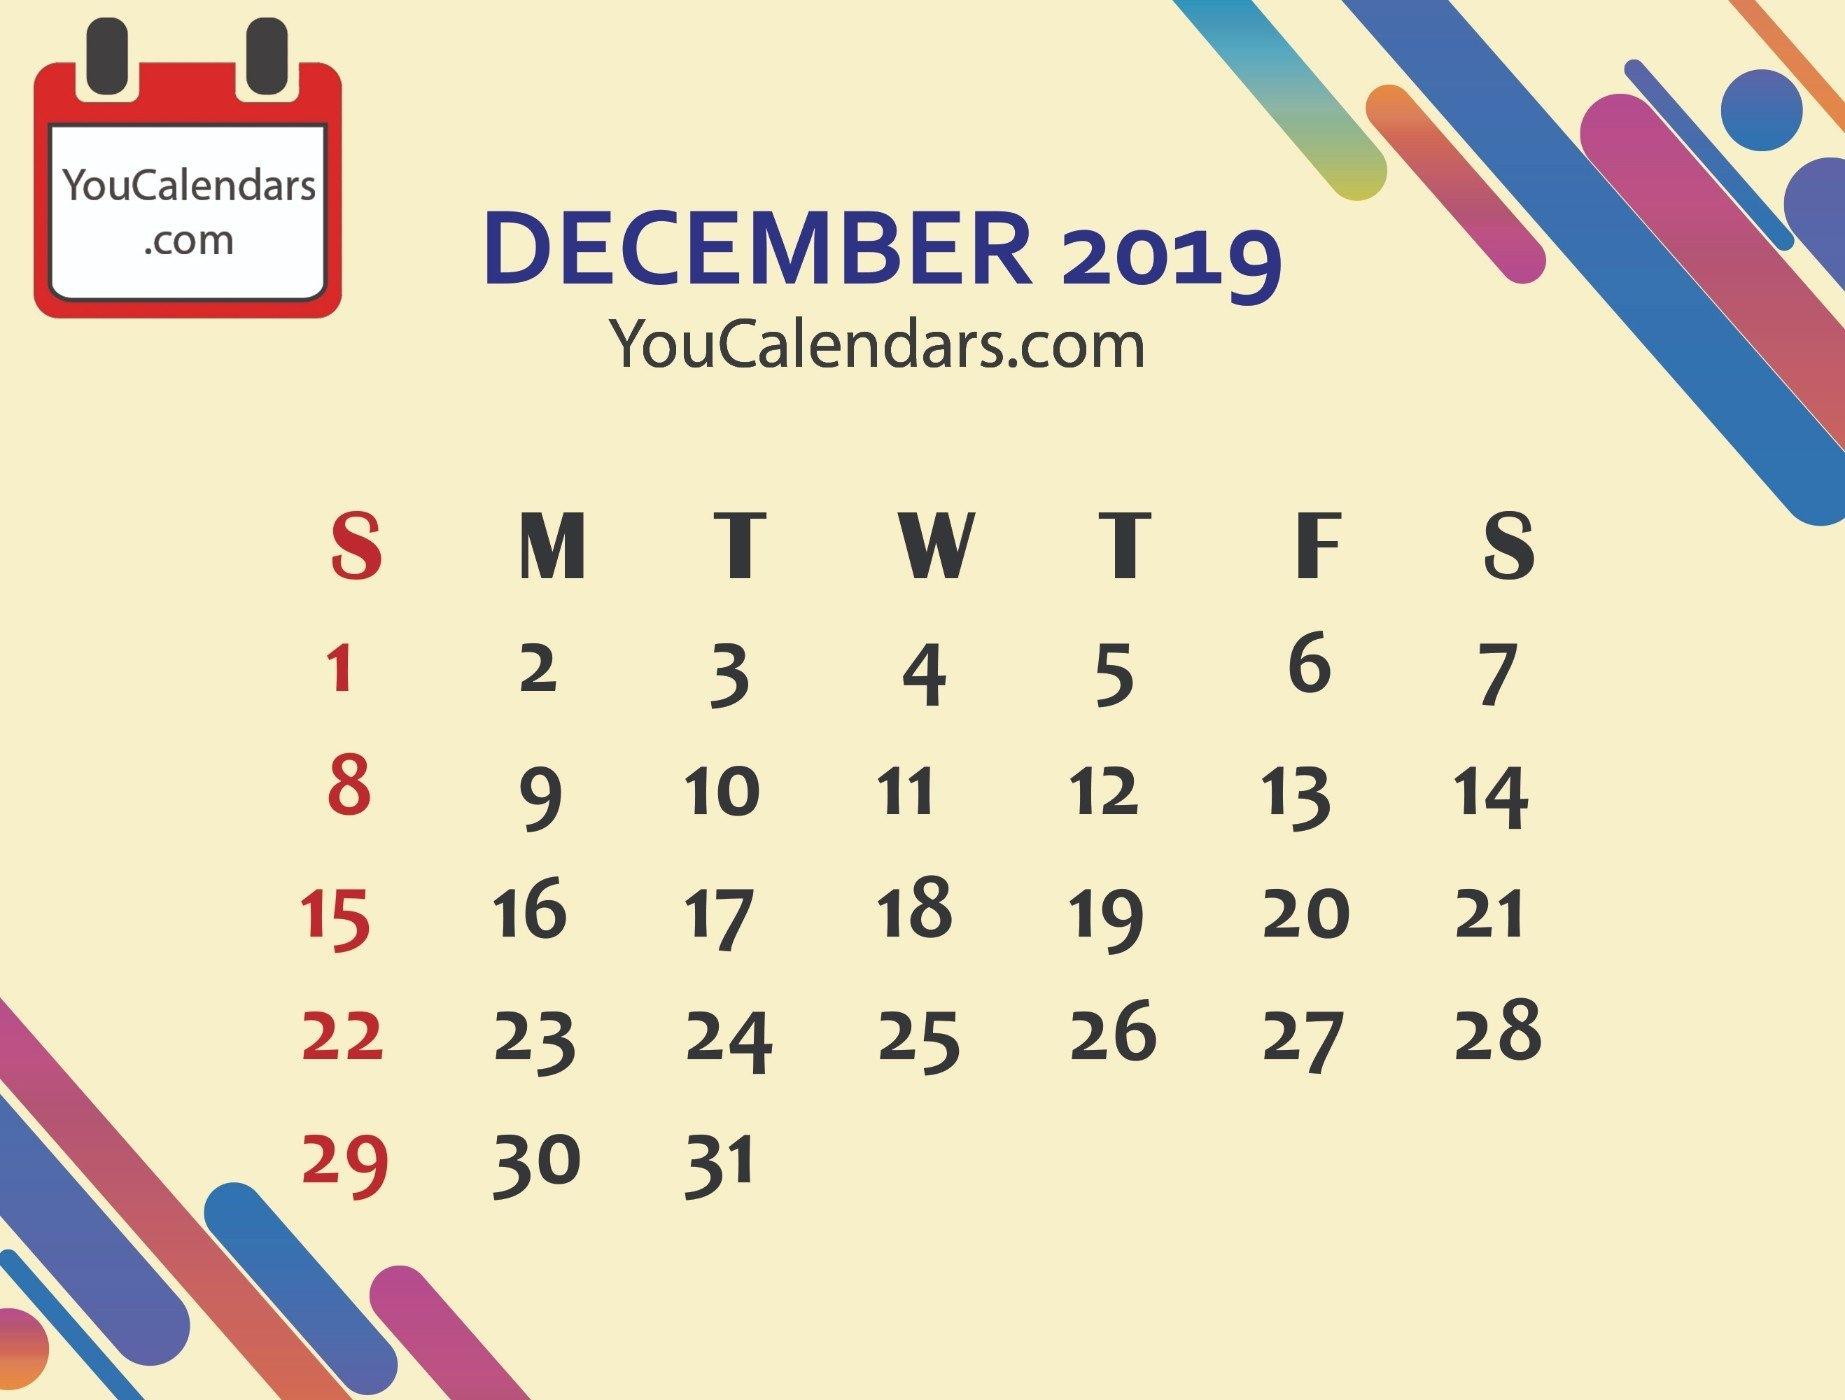 Free December 2019 Calendar Printable Template - You Calendars U Of W Calendar 2019